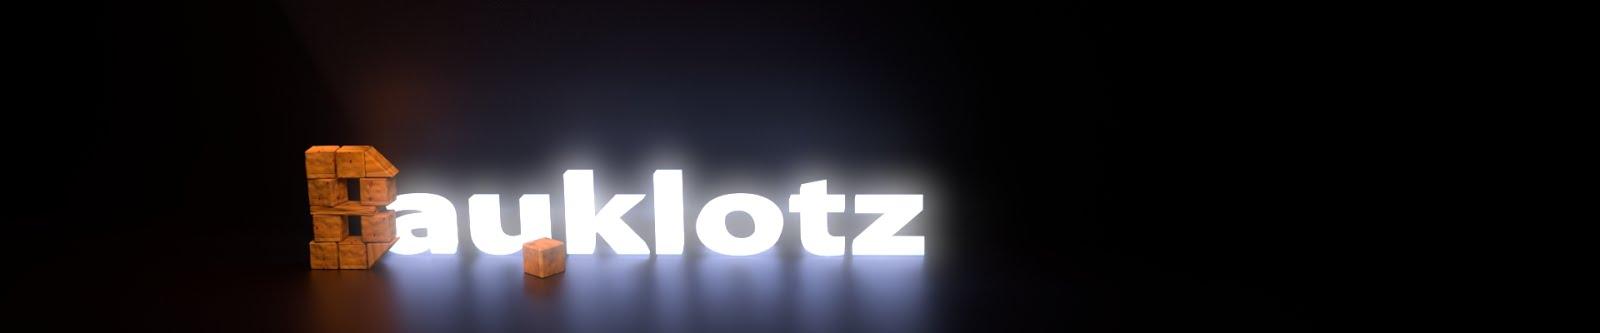 Bauklotz